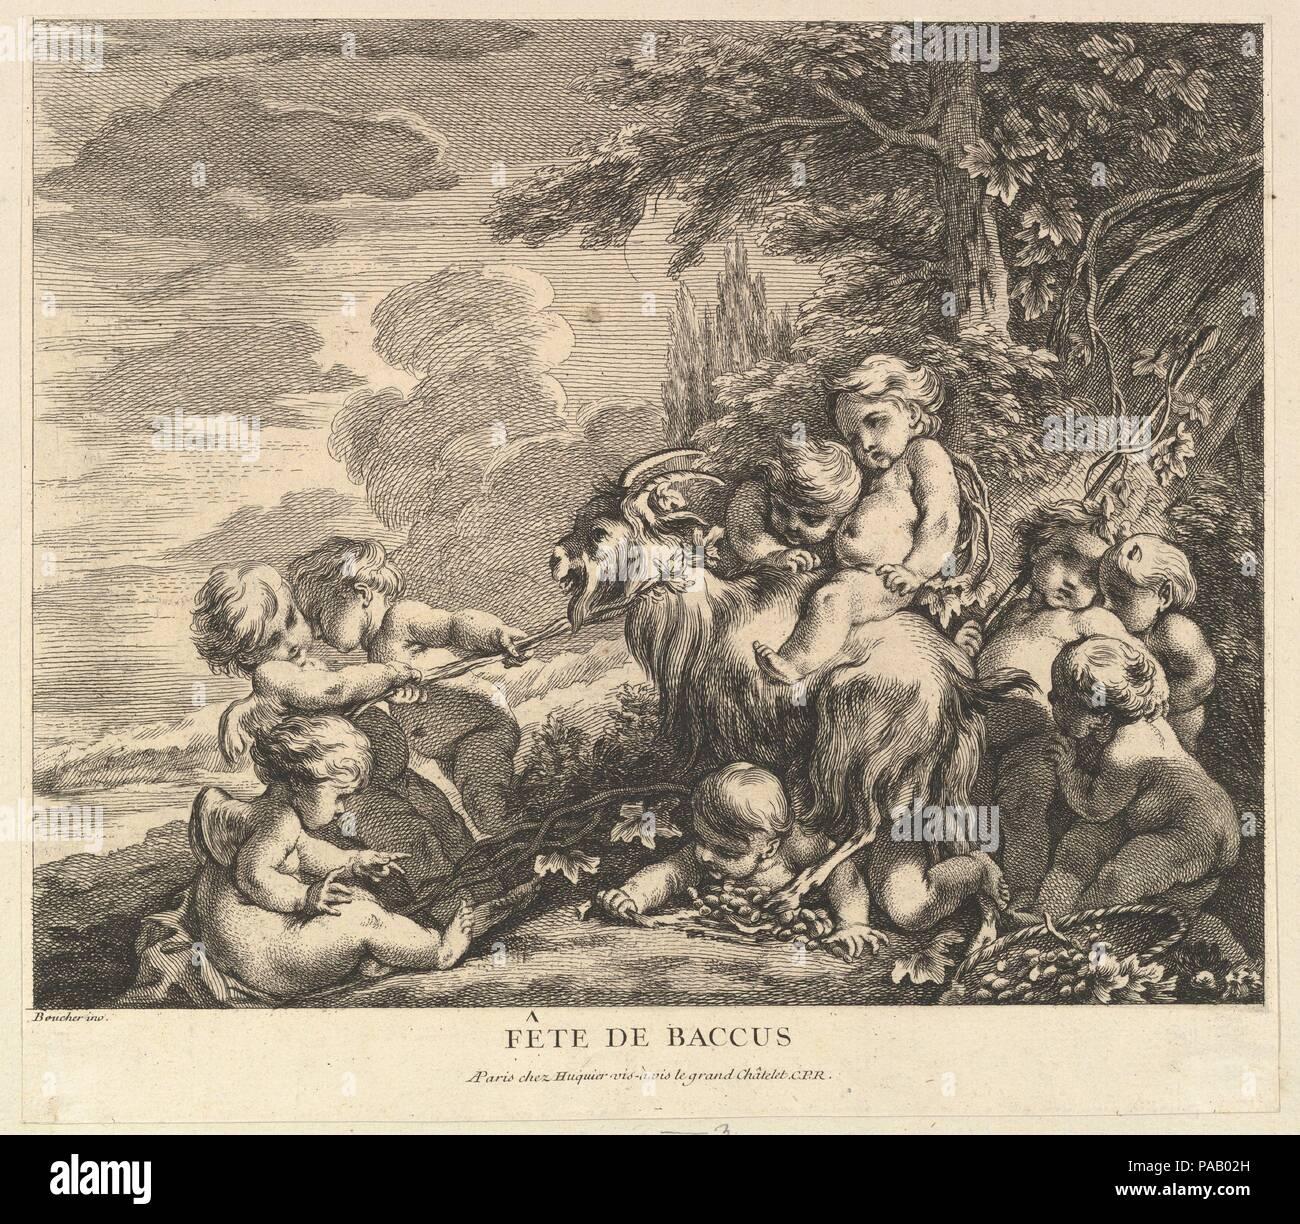 The Feast of Bacchus. Artist: After François Boucher (French, Paris 1703-1770 Paris); Pierre Alexandre Aveline (French, Paris 1702-1760 Paris). Dimensions: Sheet (trimmed): 9 3/16 × 10 7/16 in. (23.4 × 26.5 cm). Publisher: Chez Huquier (French, 18th century). Series/Portfolio: Children's Games  (Jeux d'enfants). Date: ca. 1738. Museum: Metropolitan Museum of Art, New York, USA. Stock Photo